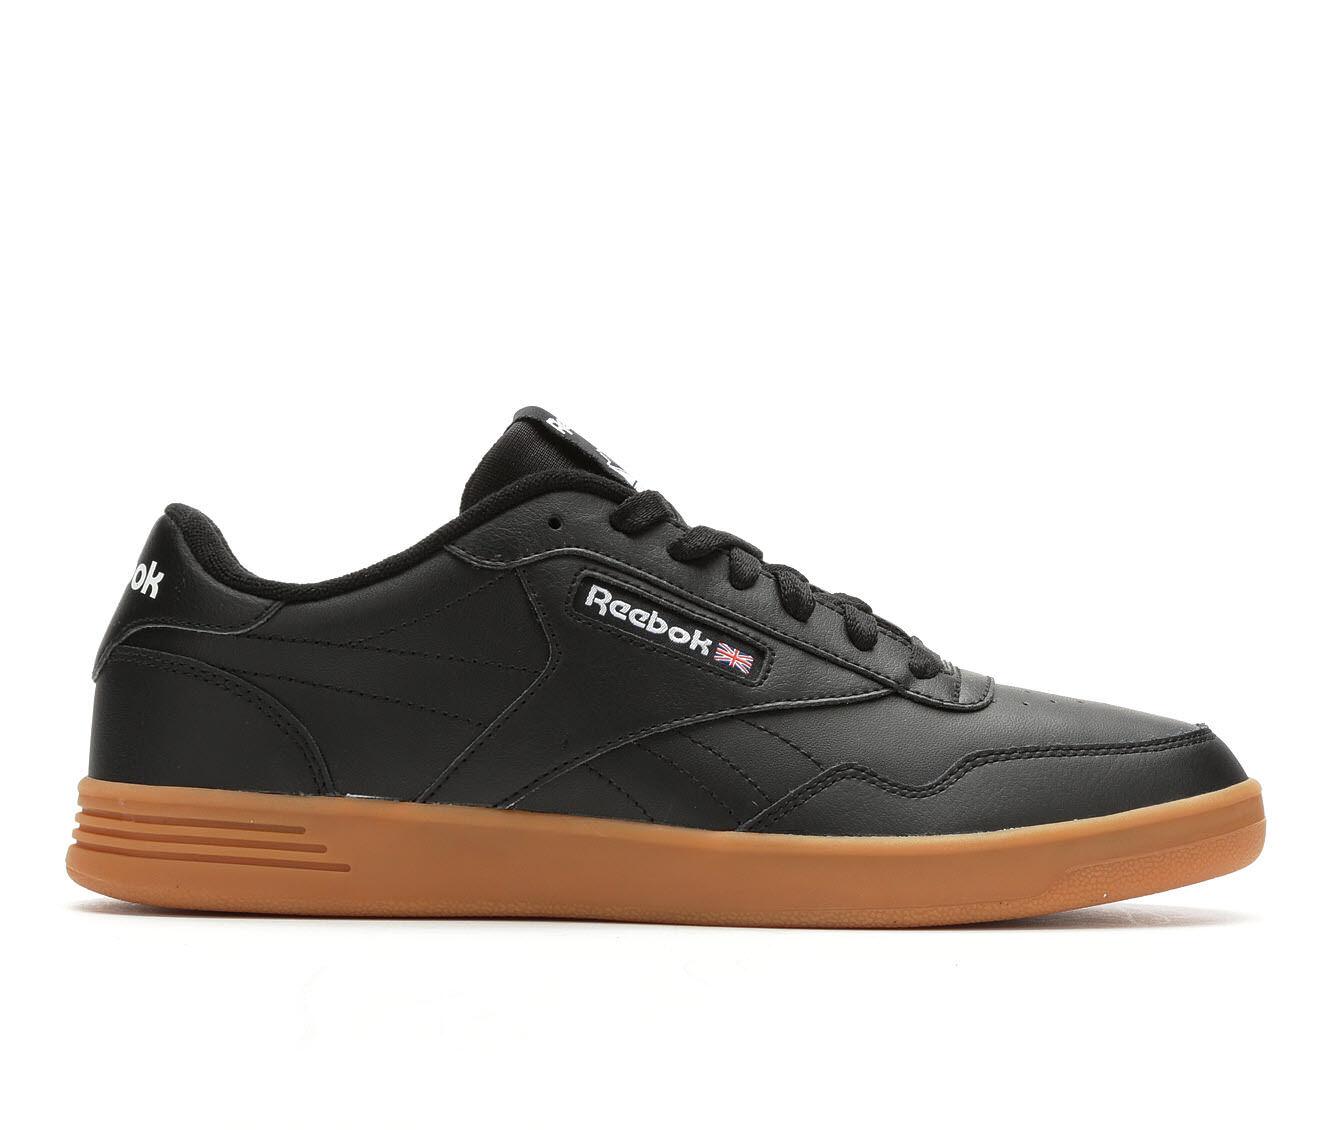 Men's Reebok Club MEMT Tennis Shoes Black/Gum/Wht